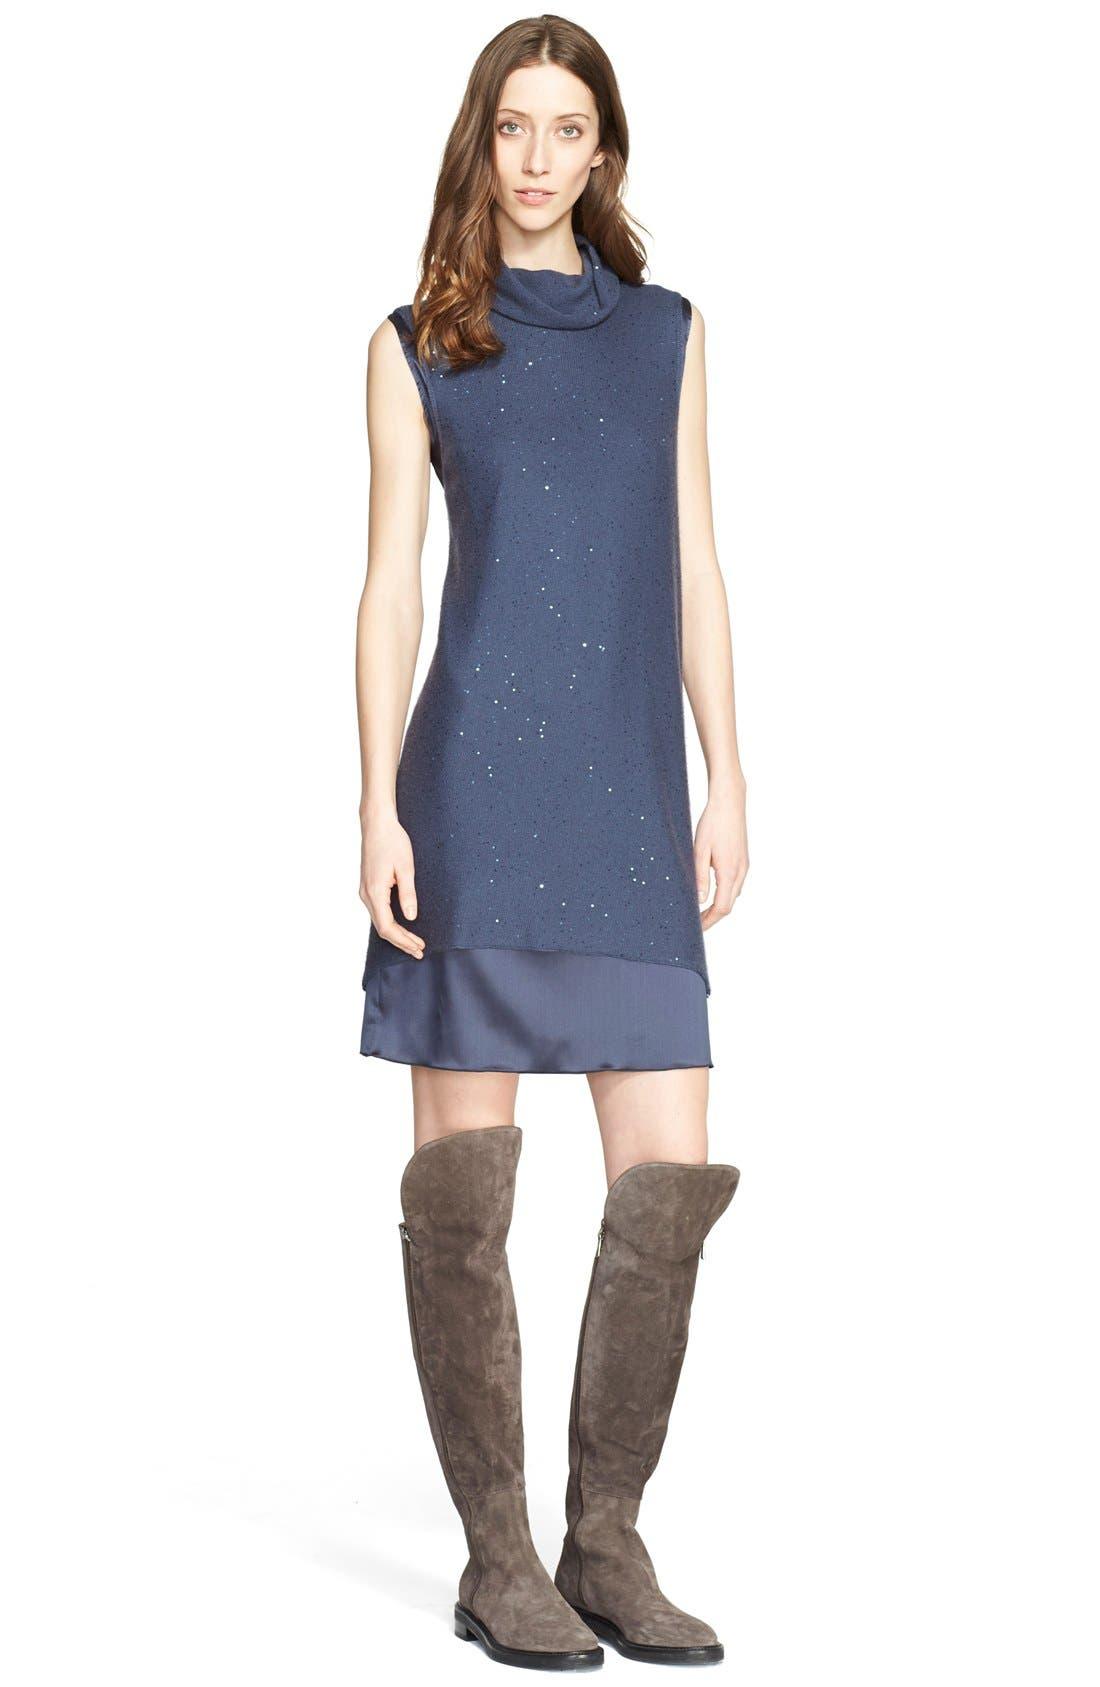 Alternate Image 1 Selected - Fabiana Filippi Embellished Knit Overlay Satin Dress